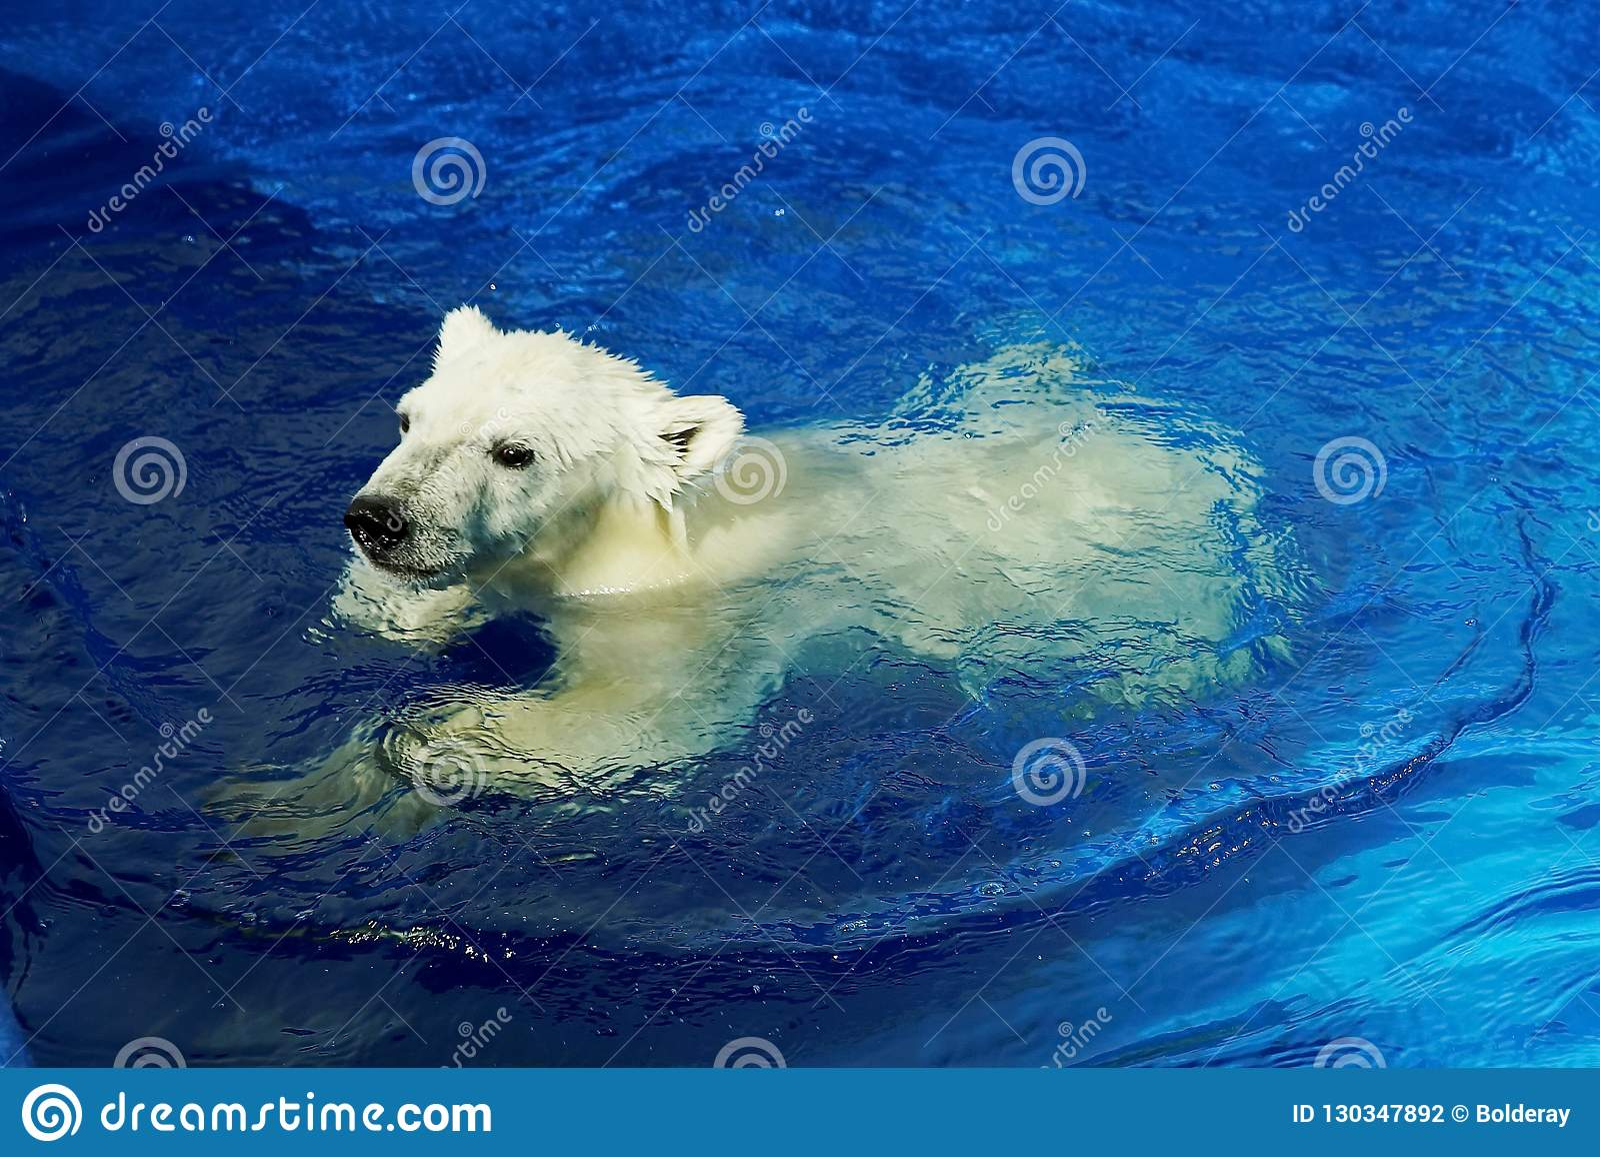 Curious white bear cub, Swimming lesson.A polar bear, a northern bear, a umka Lat. Ursus maritimus